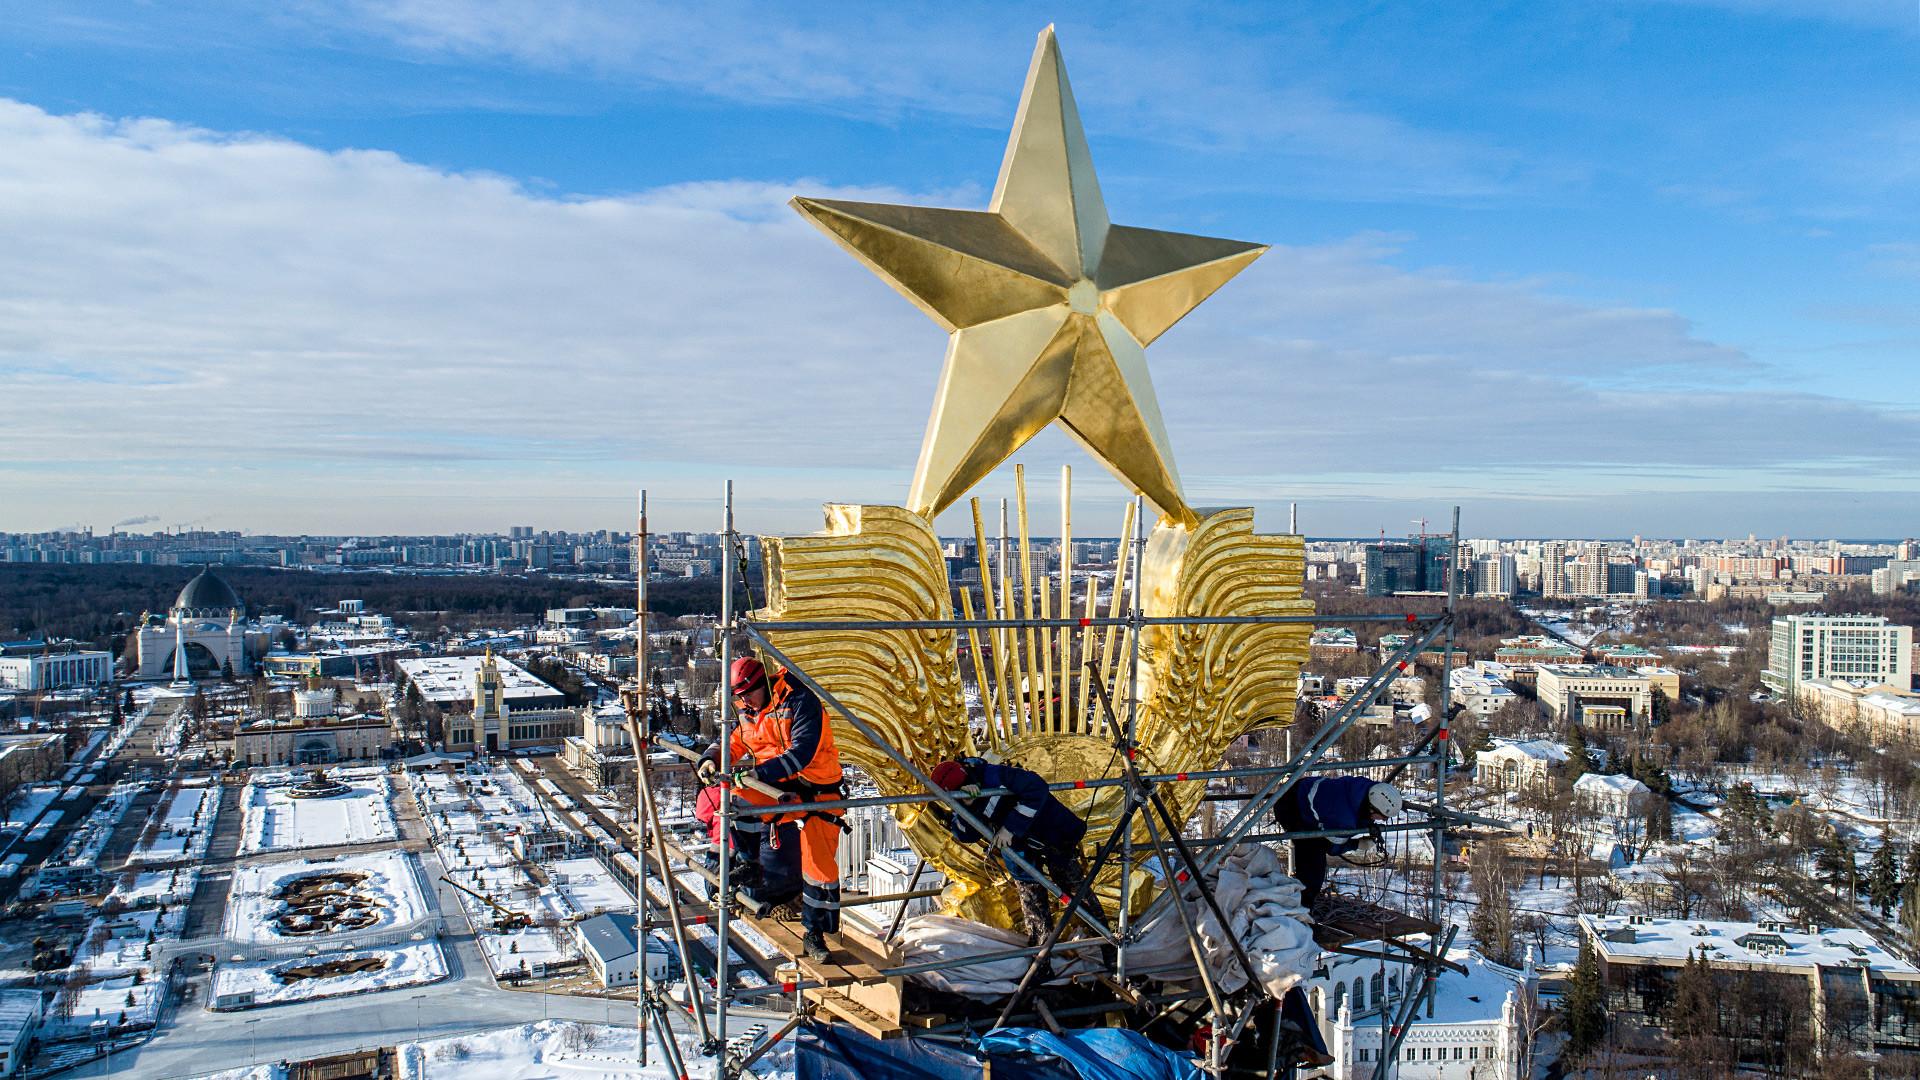 Operai al lavoro per restaurare la stella d'oro nel padiglione centrale del parco VDNKh di Mosca